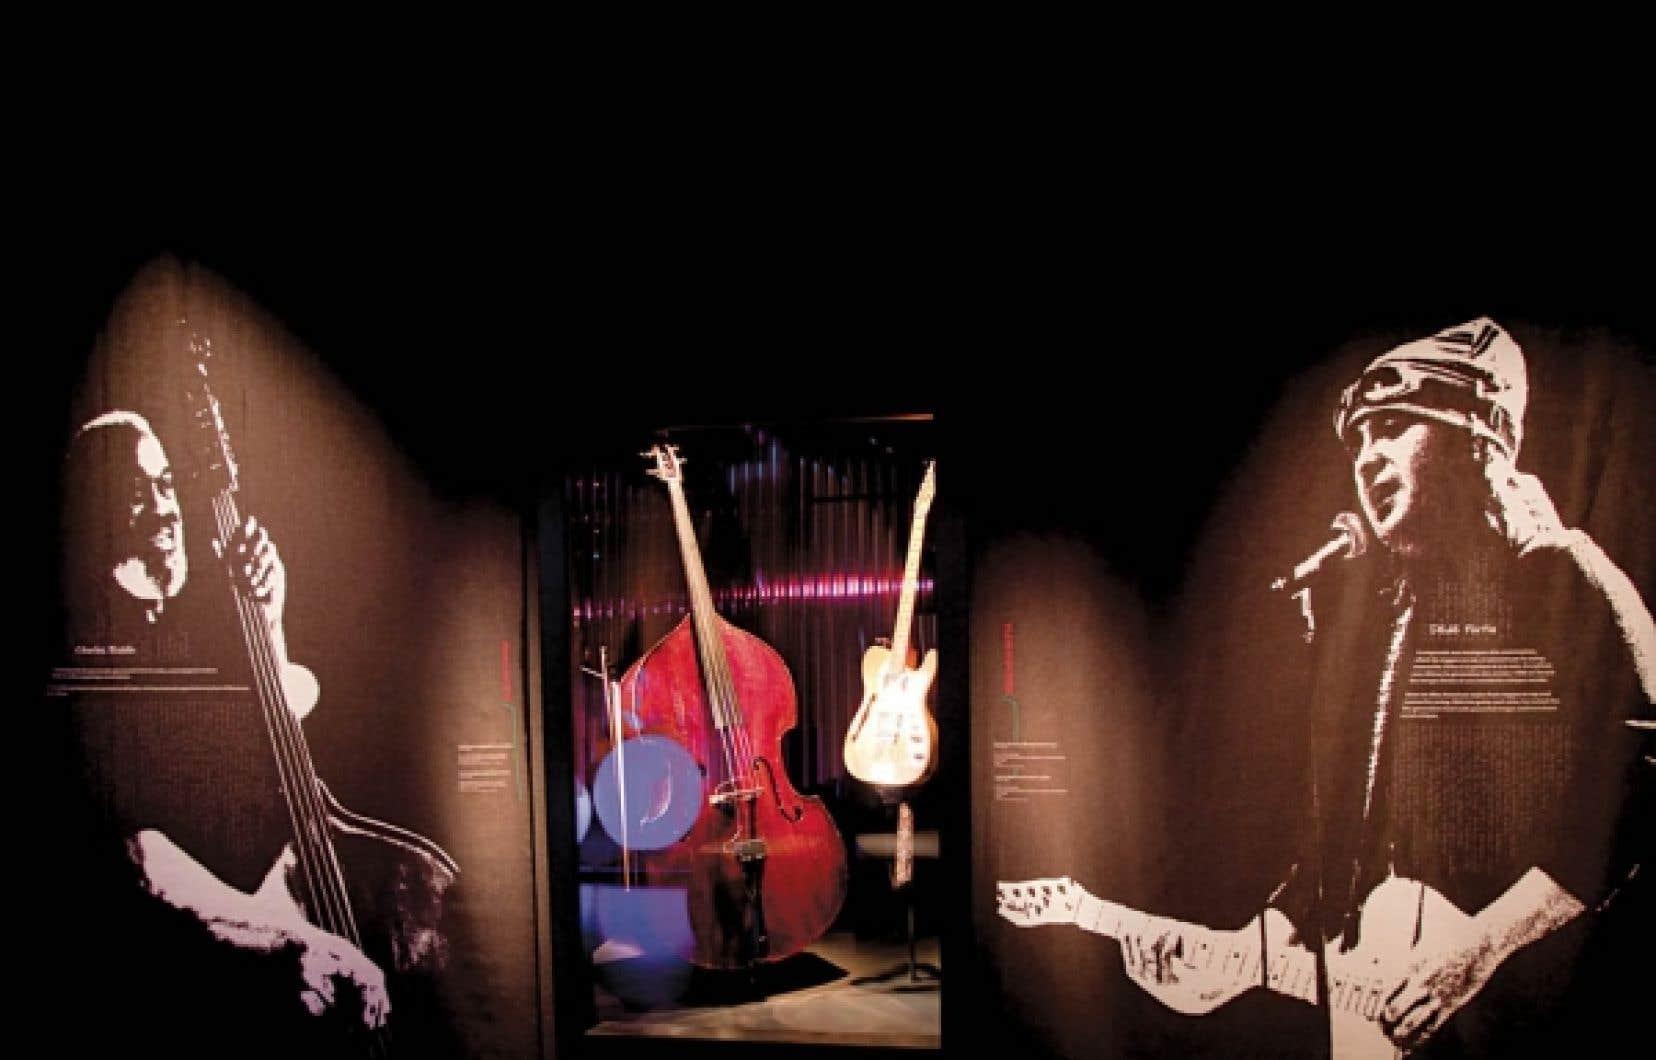 Contrebasse et archet de Charles Biddle (1926-2003). Bois, métal, laiton, fibre synthétique, plastique. Deuxième moitié du XIXe siècle, Musée de la civilisation. Don de Constance Marchand Biddle, 2006. Guitare électrique d'André Fortin, Dédé (1962-2000). Bois, métal, plastique Fender Telecaster, Thinline-72, réédition vers 1994, Japon. Prêt de la Succession André Fortin.